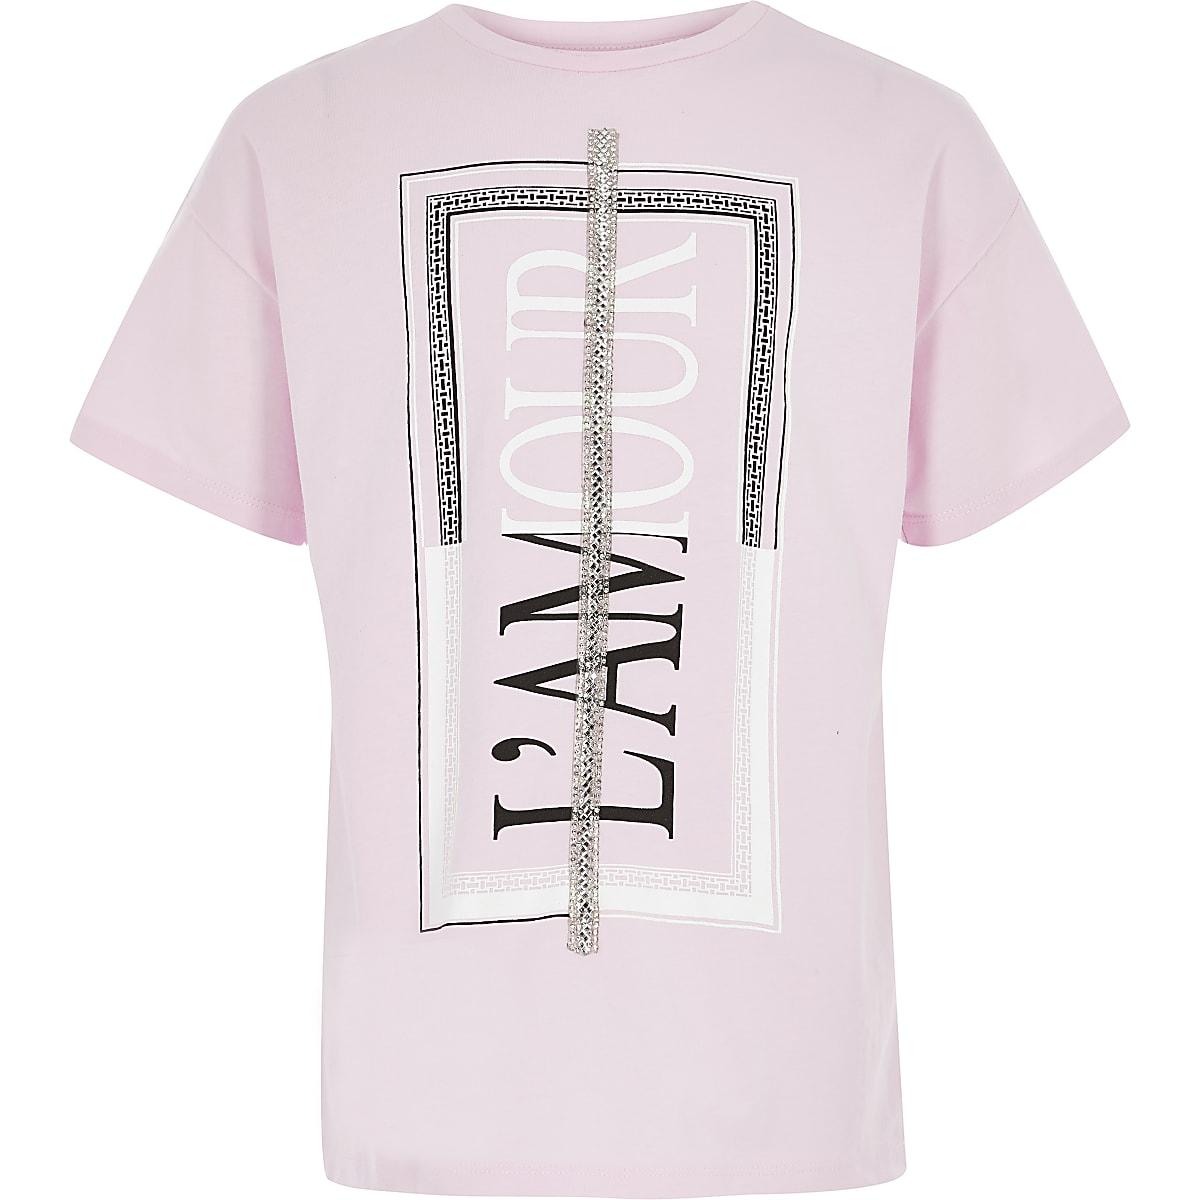 Girls pink printed embellished T-shirt